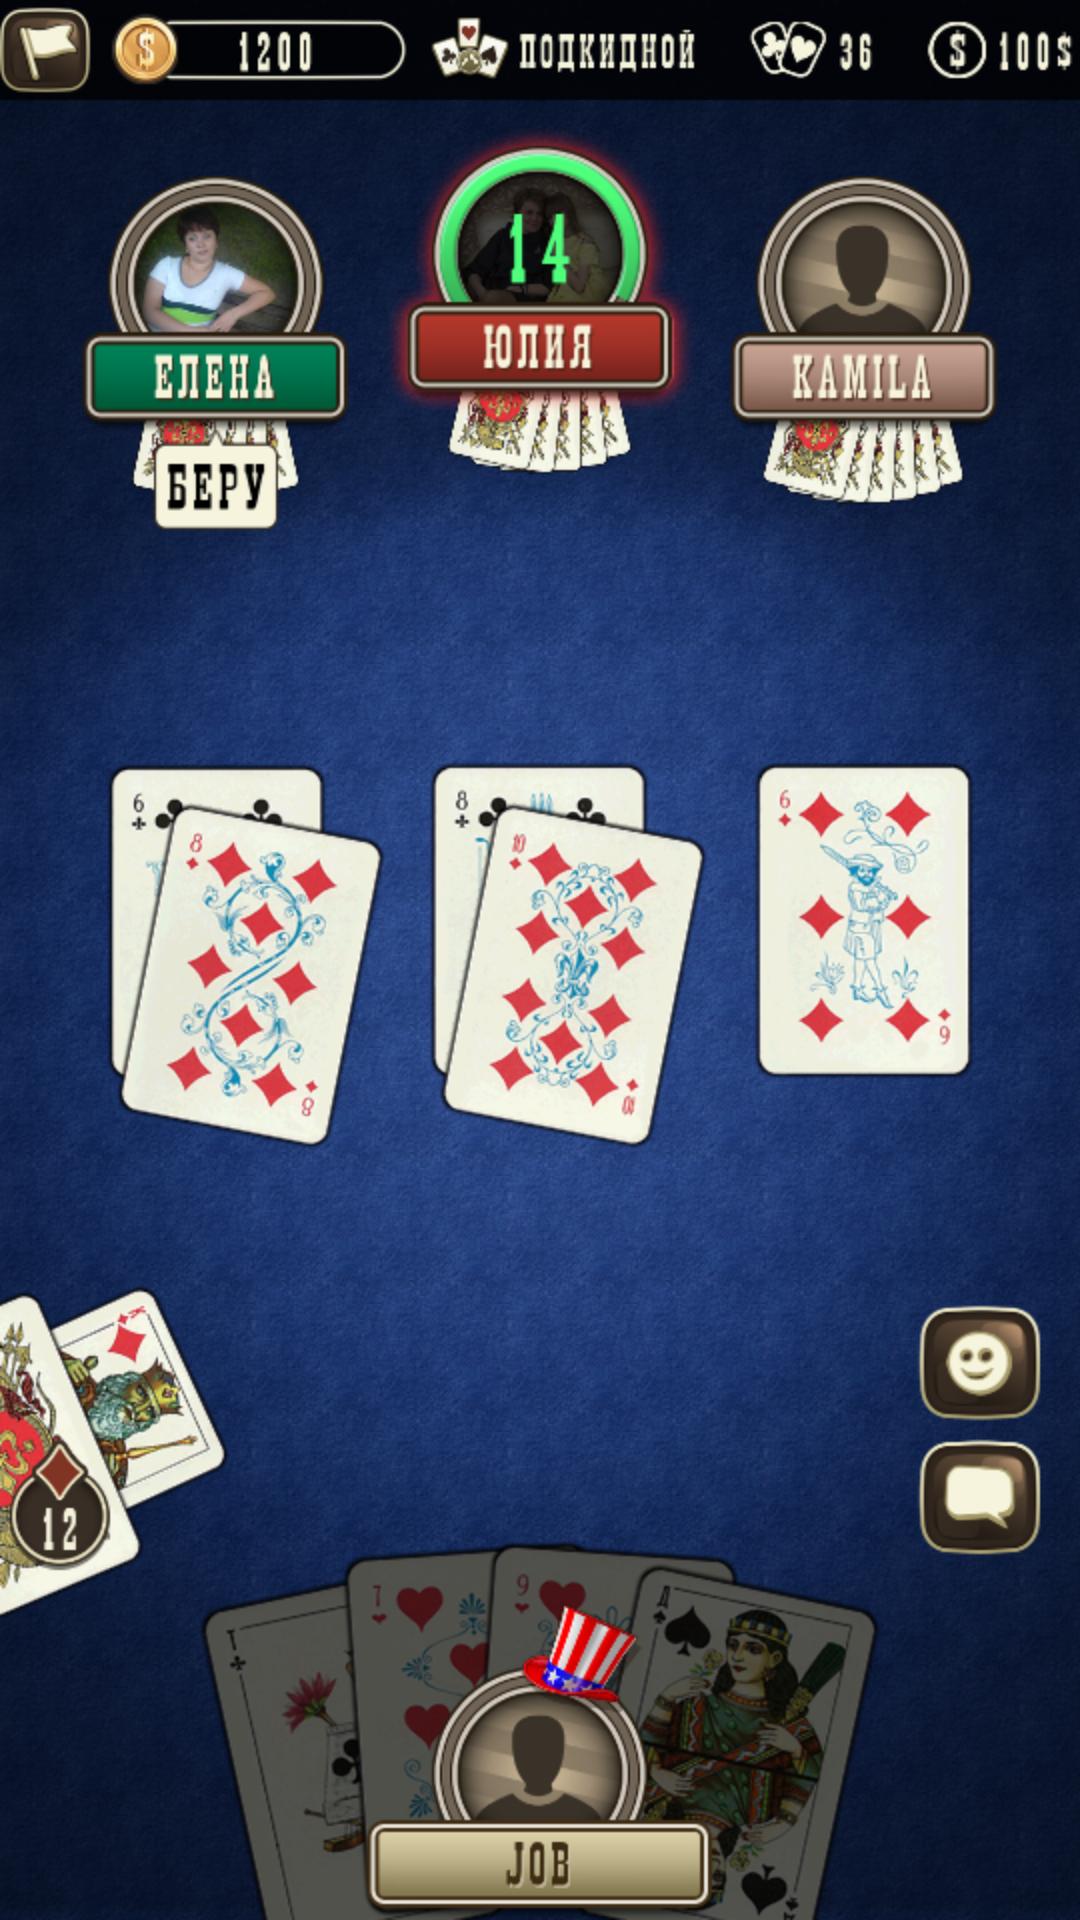 Играть бесплатно в карты подкидной дурак скачать игры с торрента игровые автоматы